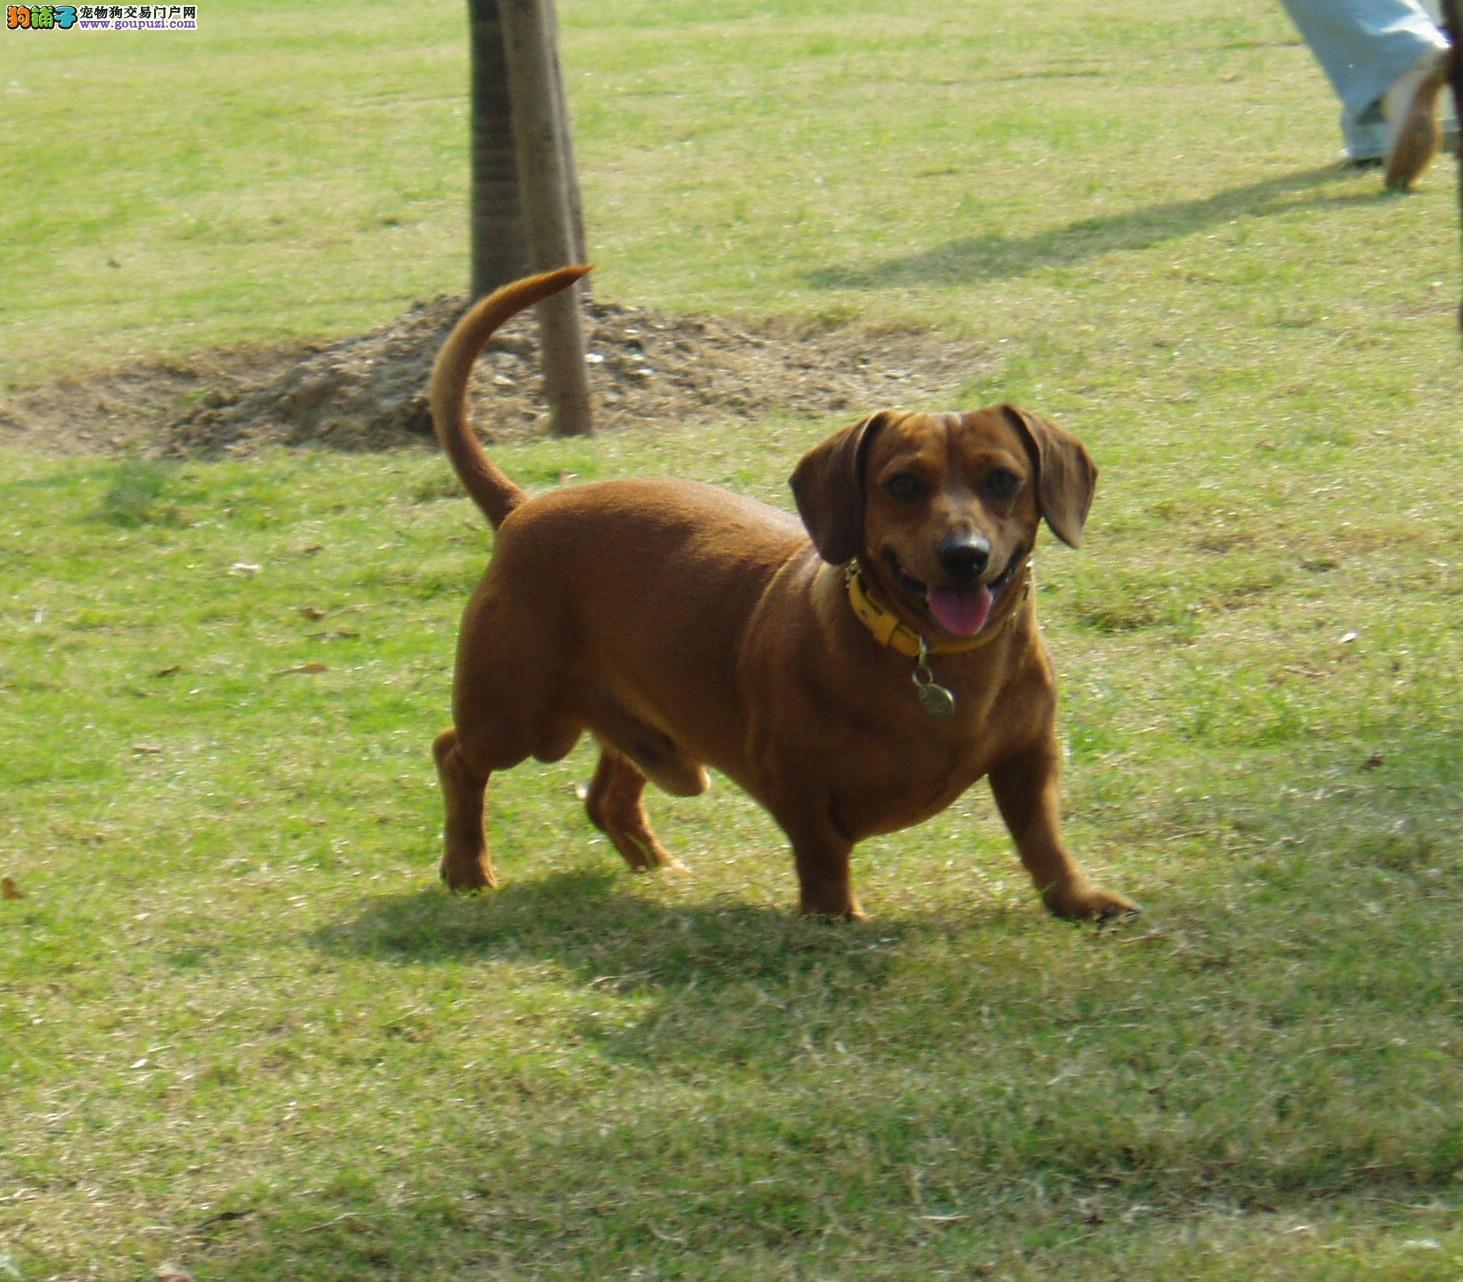 出售赛级腊肠犬,金牌店铺品质保障,购买保障售后